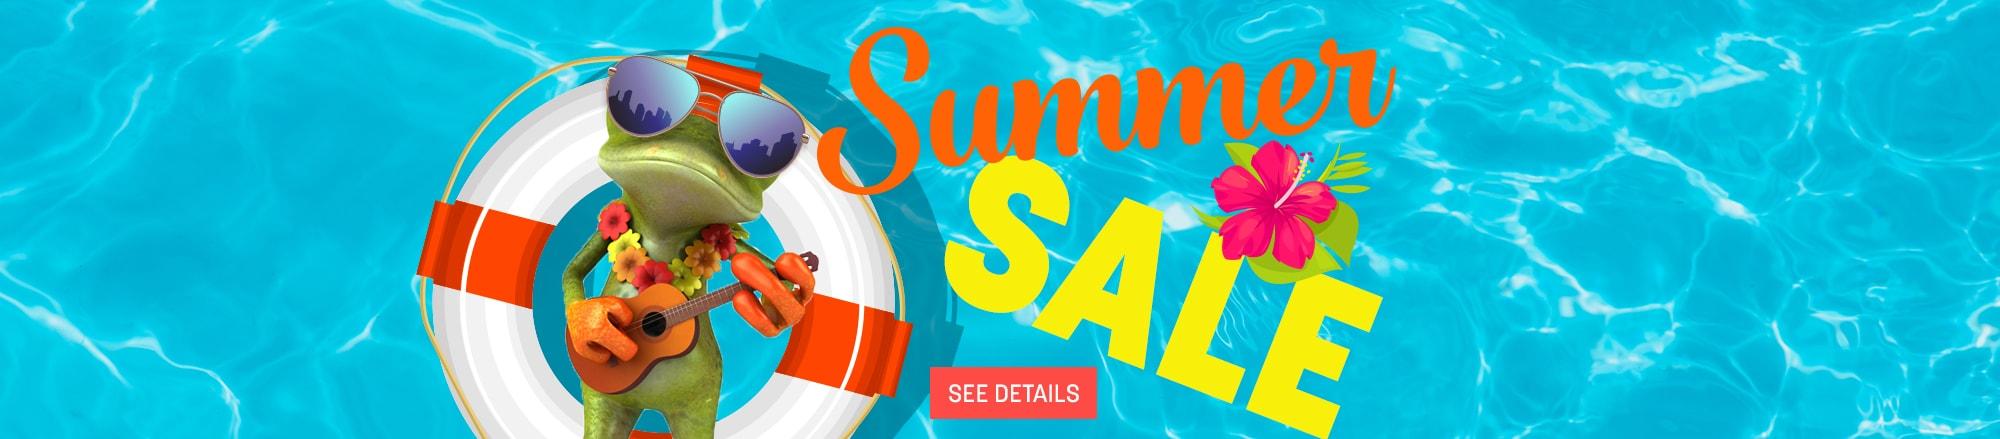 CSLS-July-Promo-2018-Homepage-2